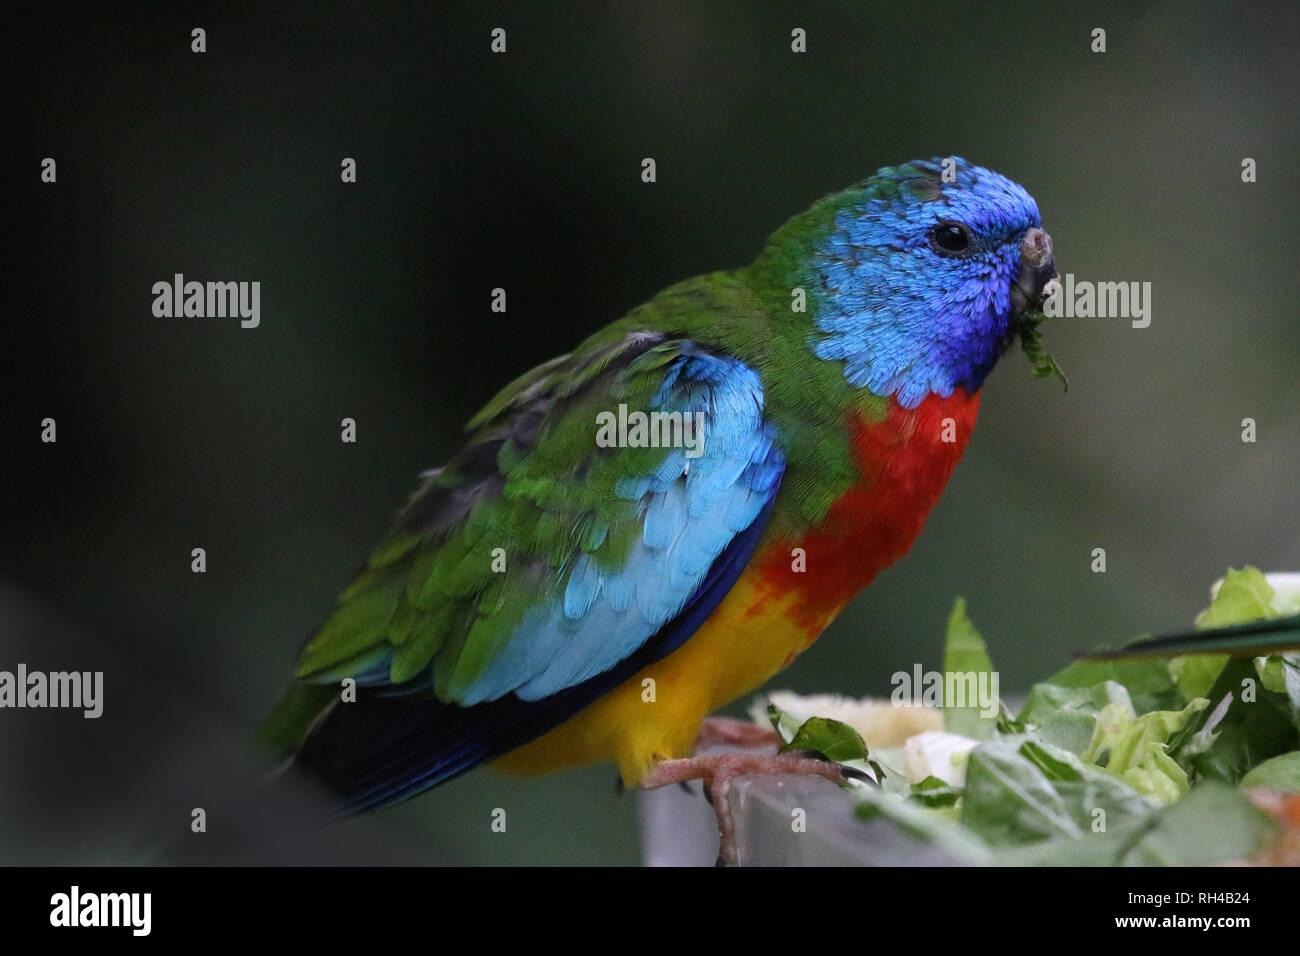 Petites multicolores au zoo du perroquet Banque D'Images